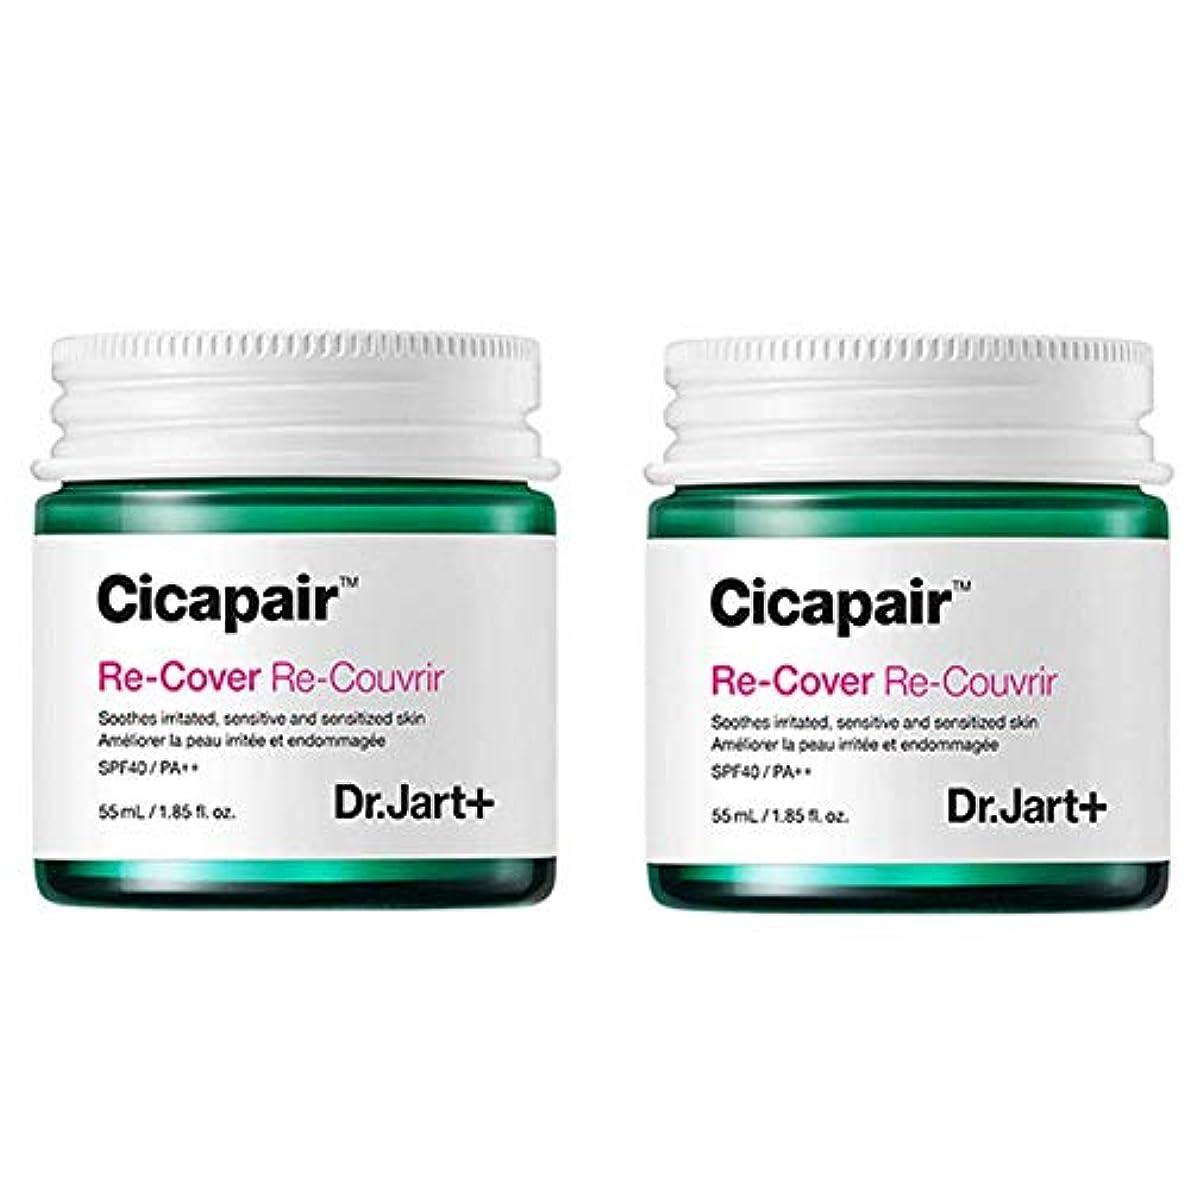 繊毛控えめな定期的にDr.Jart+ Cicapair ReCover X 2 ドクタージャルトシカペアリカバー X 2 (2代目)皮膚回復 紫外線カット 黄砂ケア [並行輸入品]